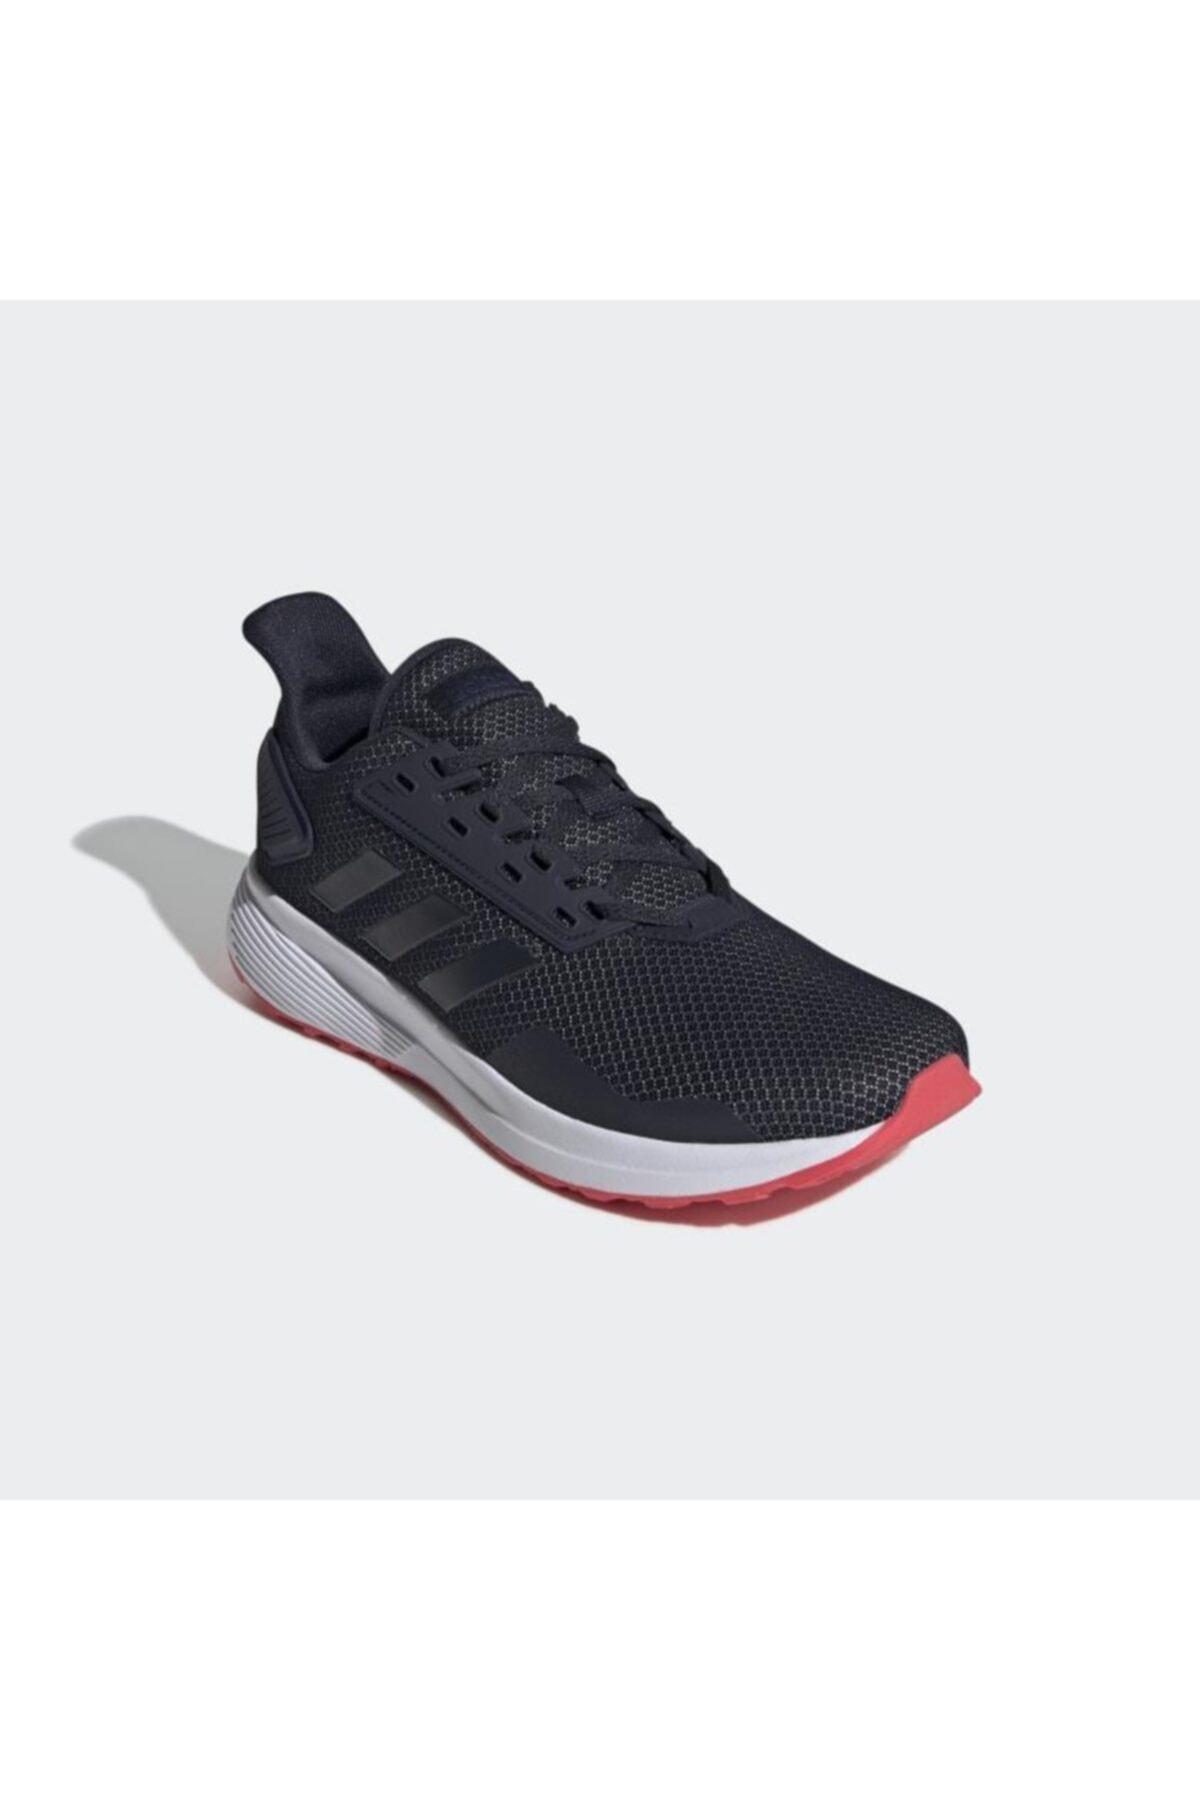 adidas Erkek Koşu Ayakkabısı Spor Lacivert F34498 Duramo 9 1